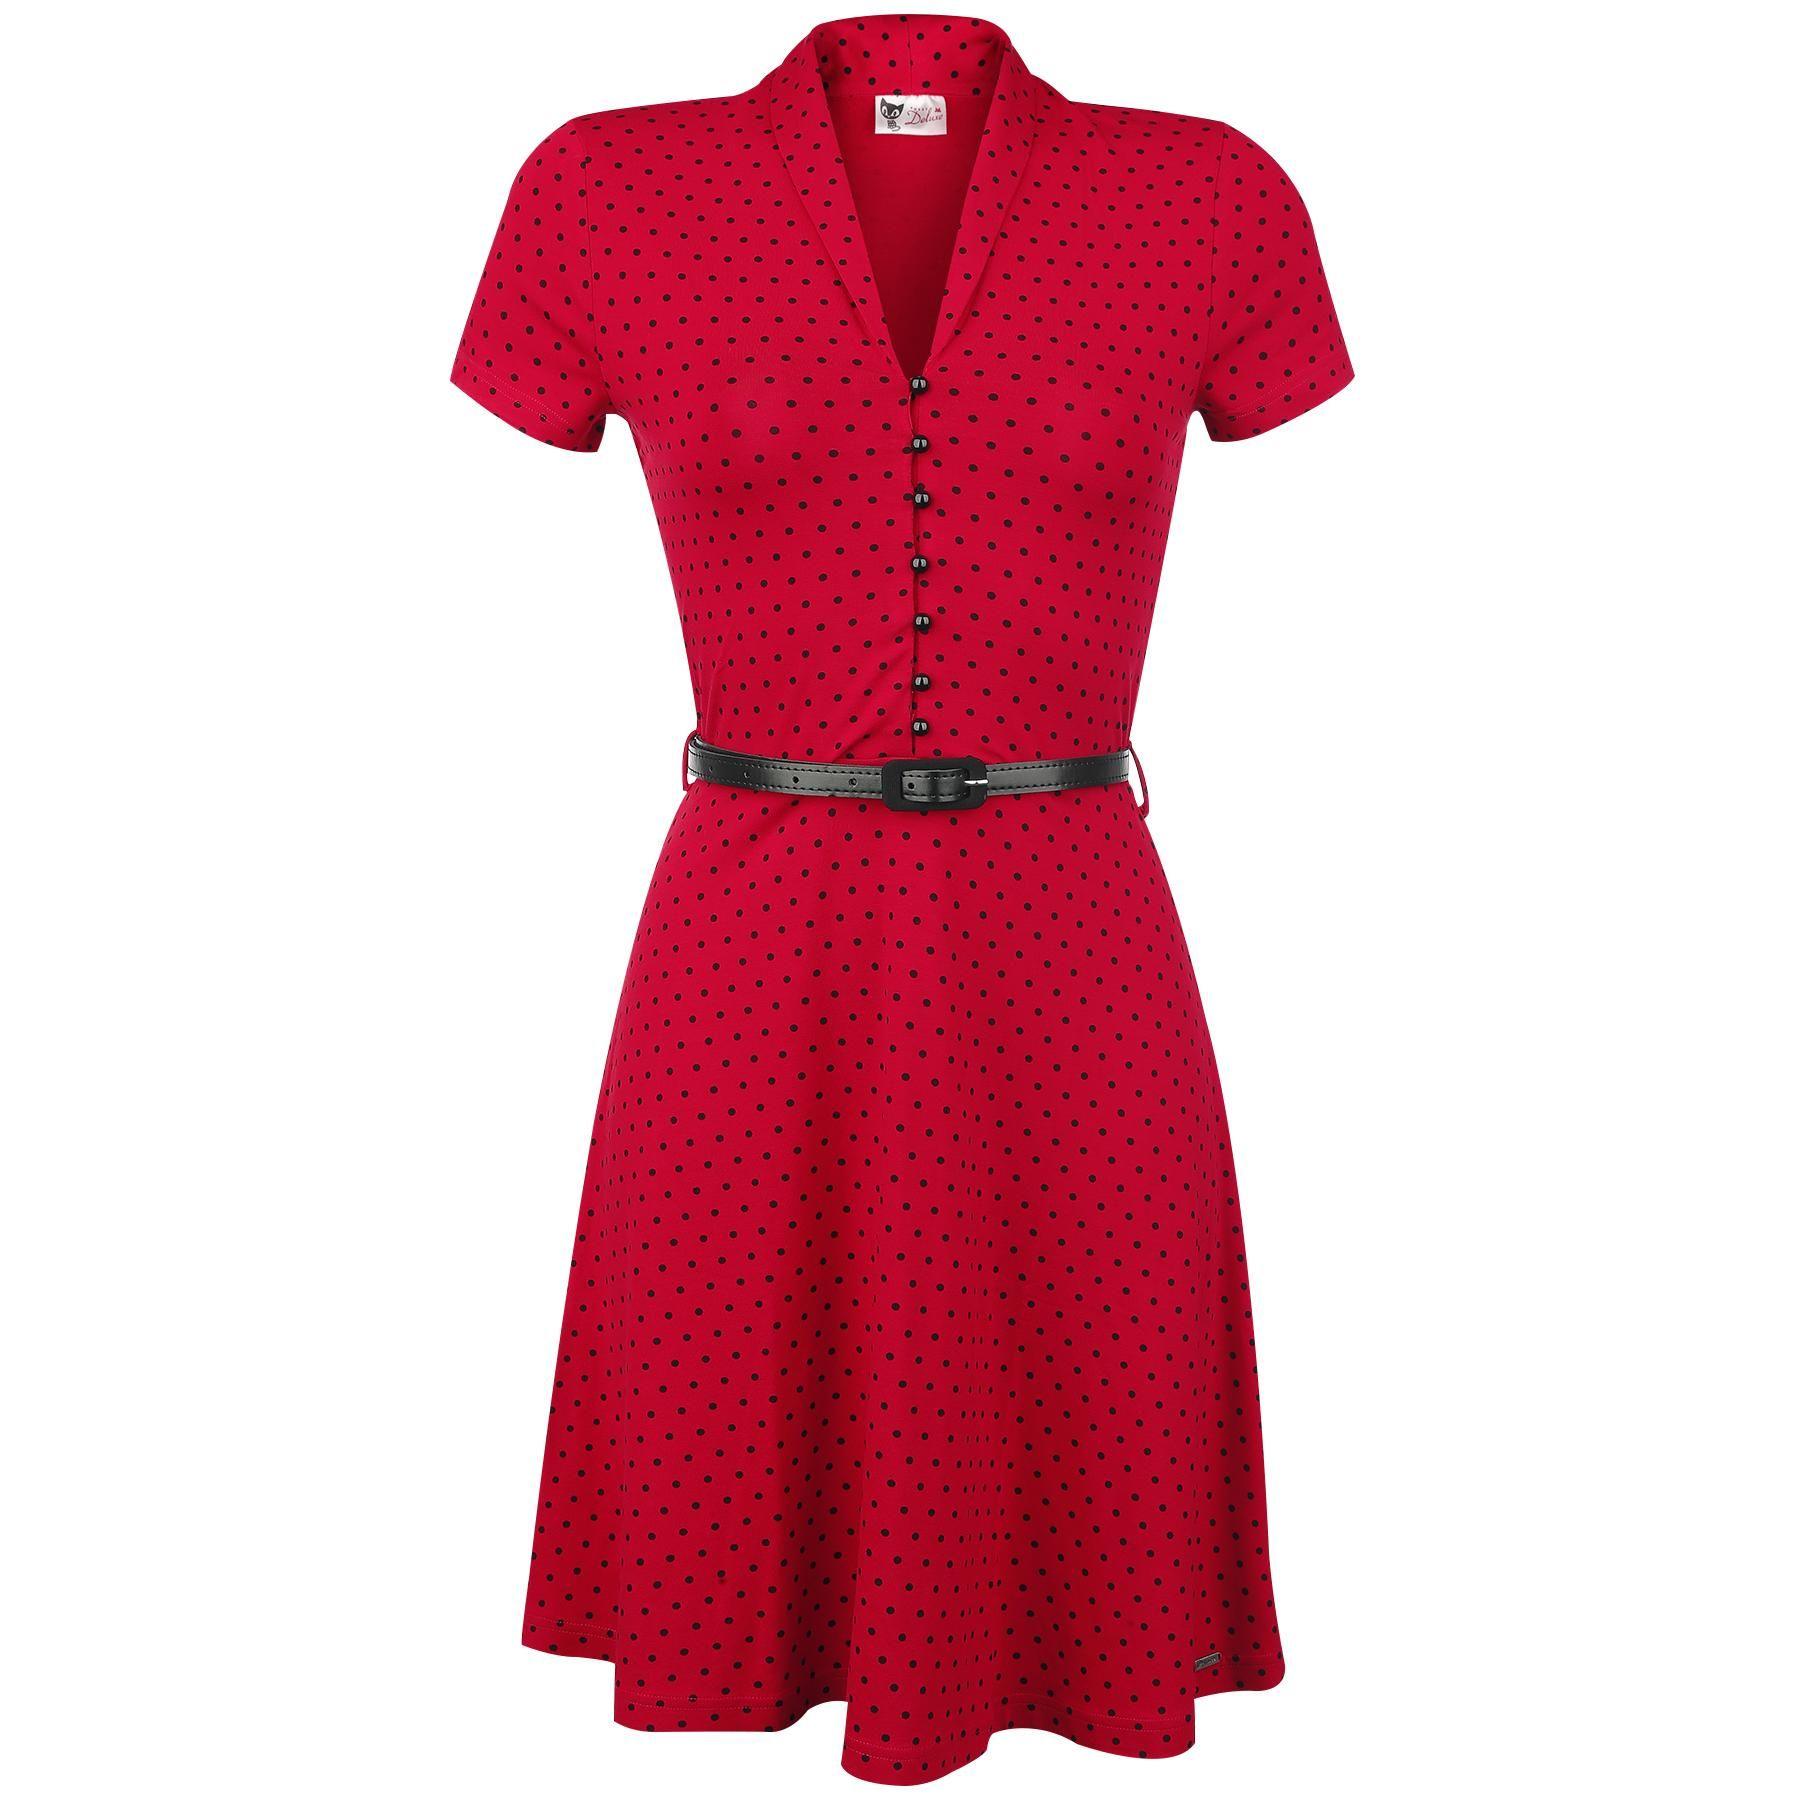 Hogwarts | Fashion, Dresses, Dresses for work